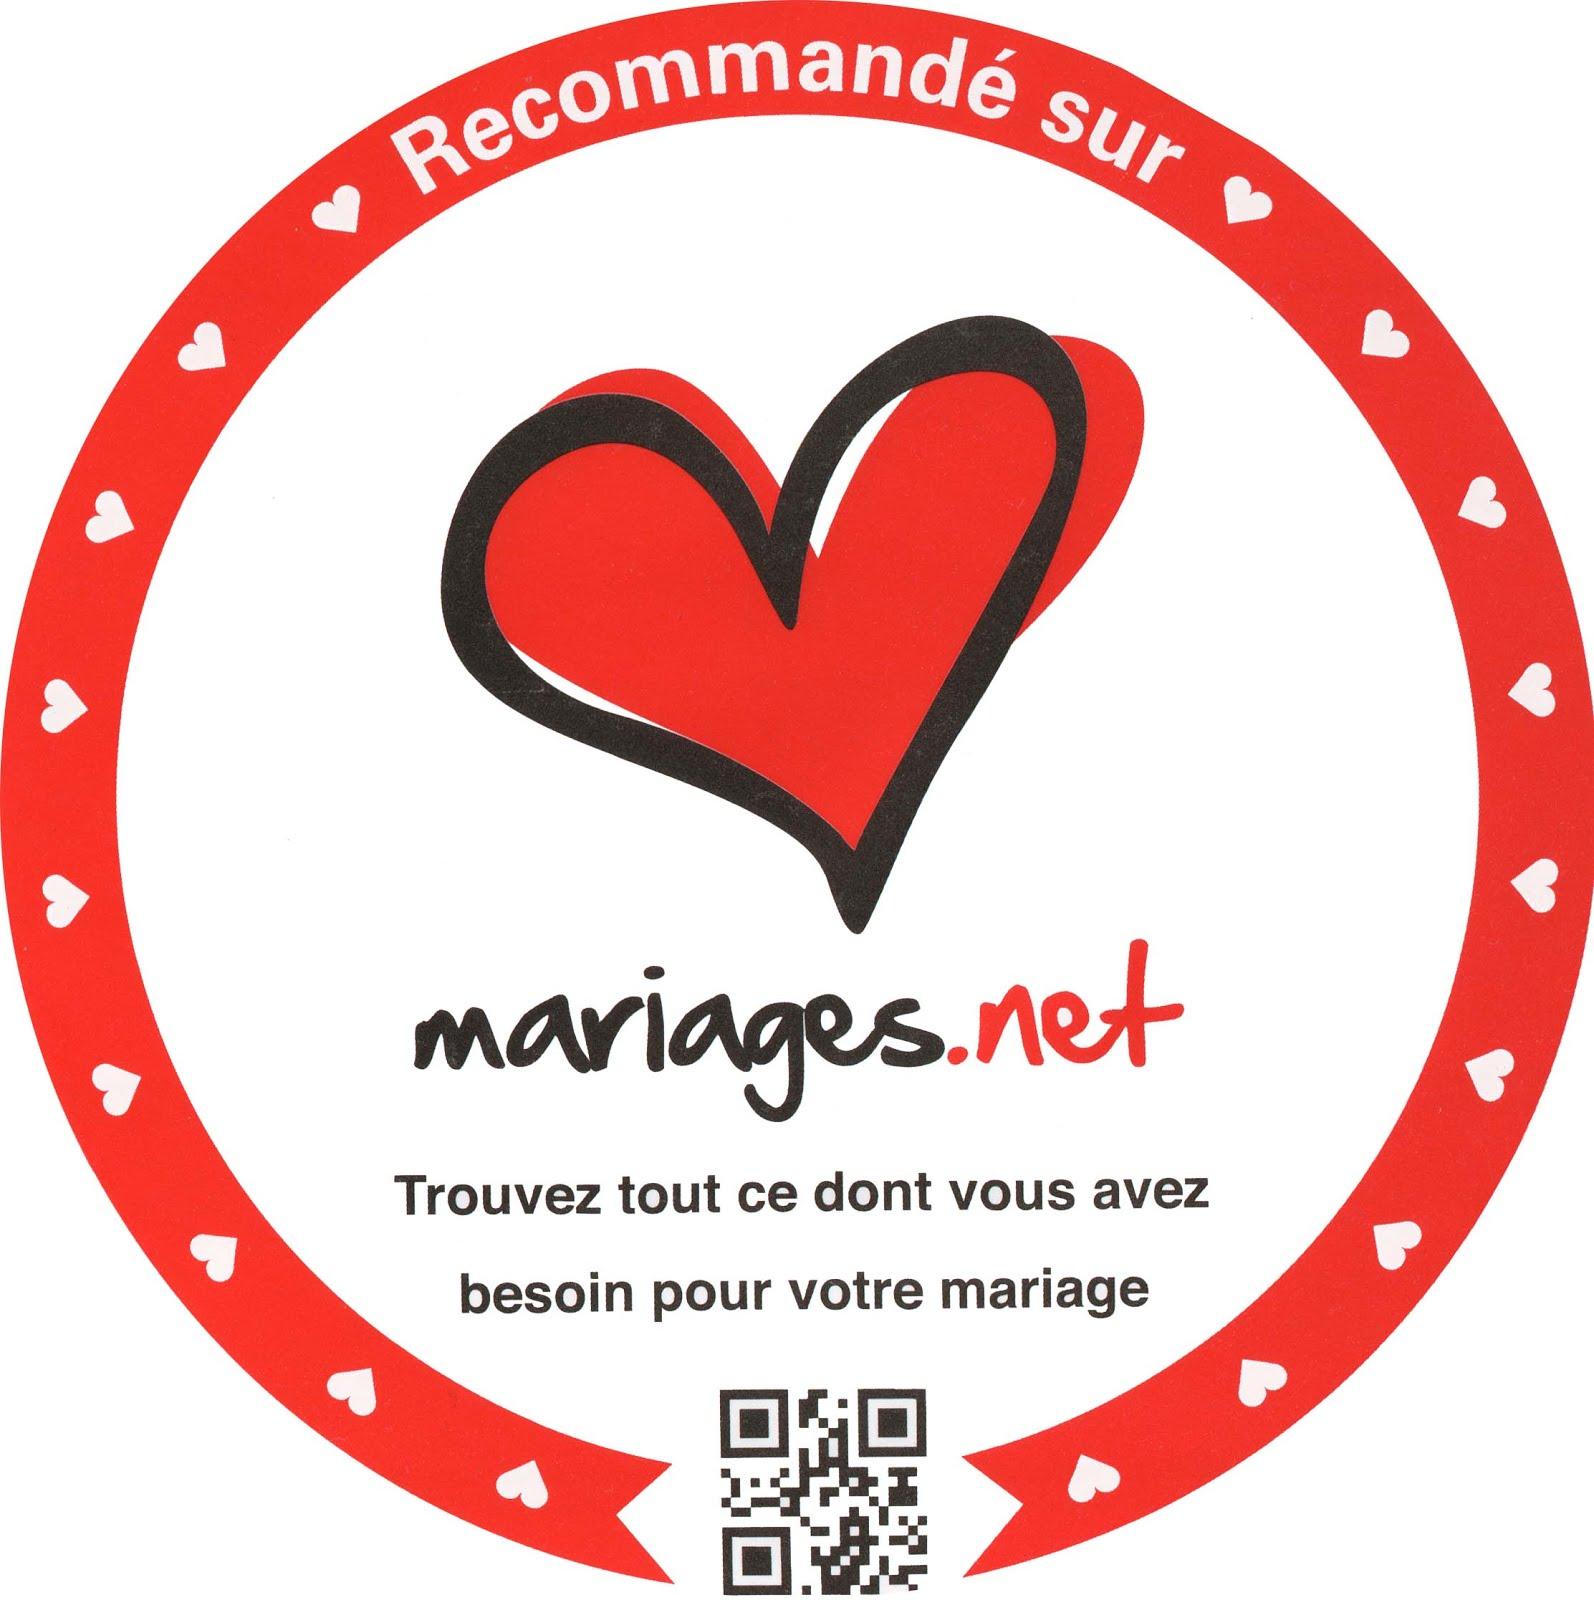 Recomandé par Mariages.net